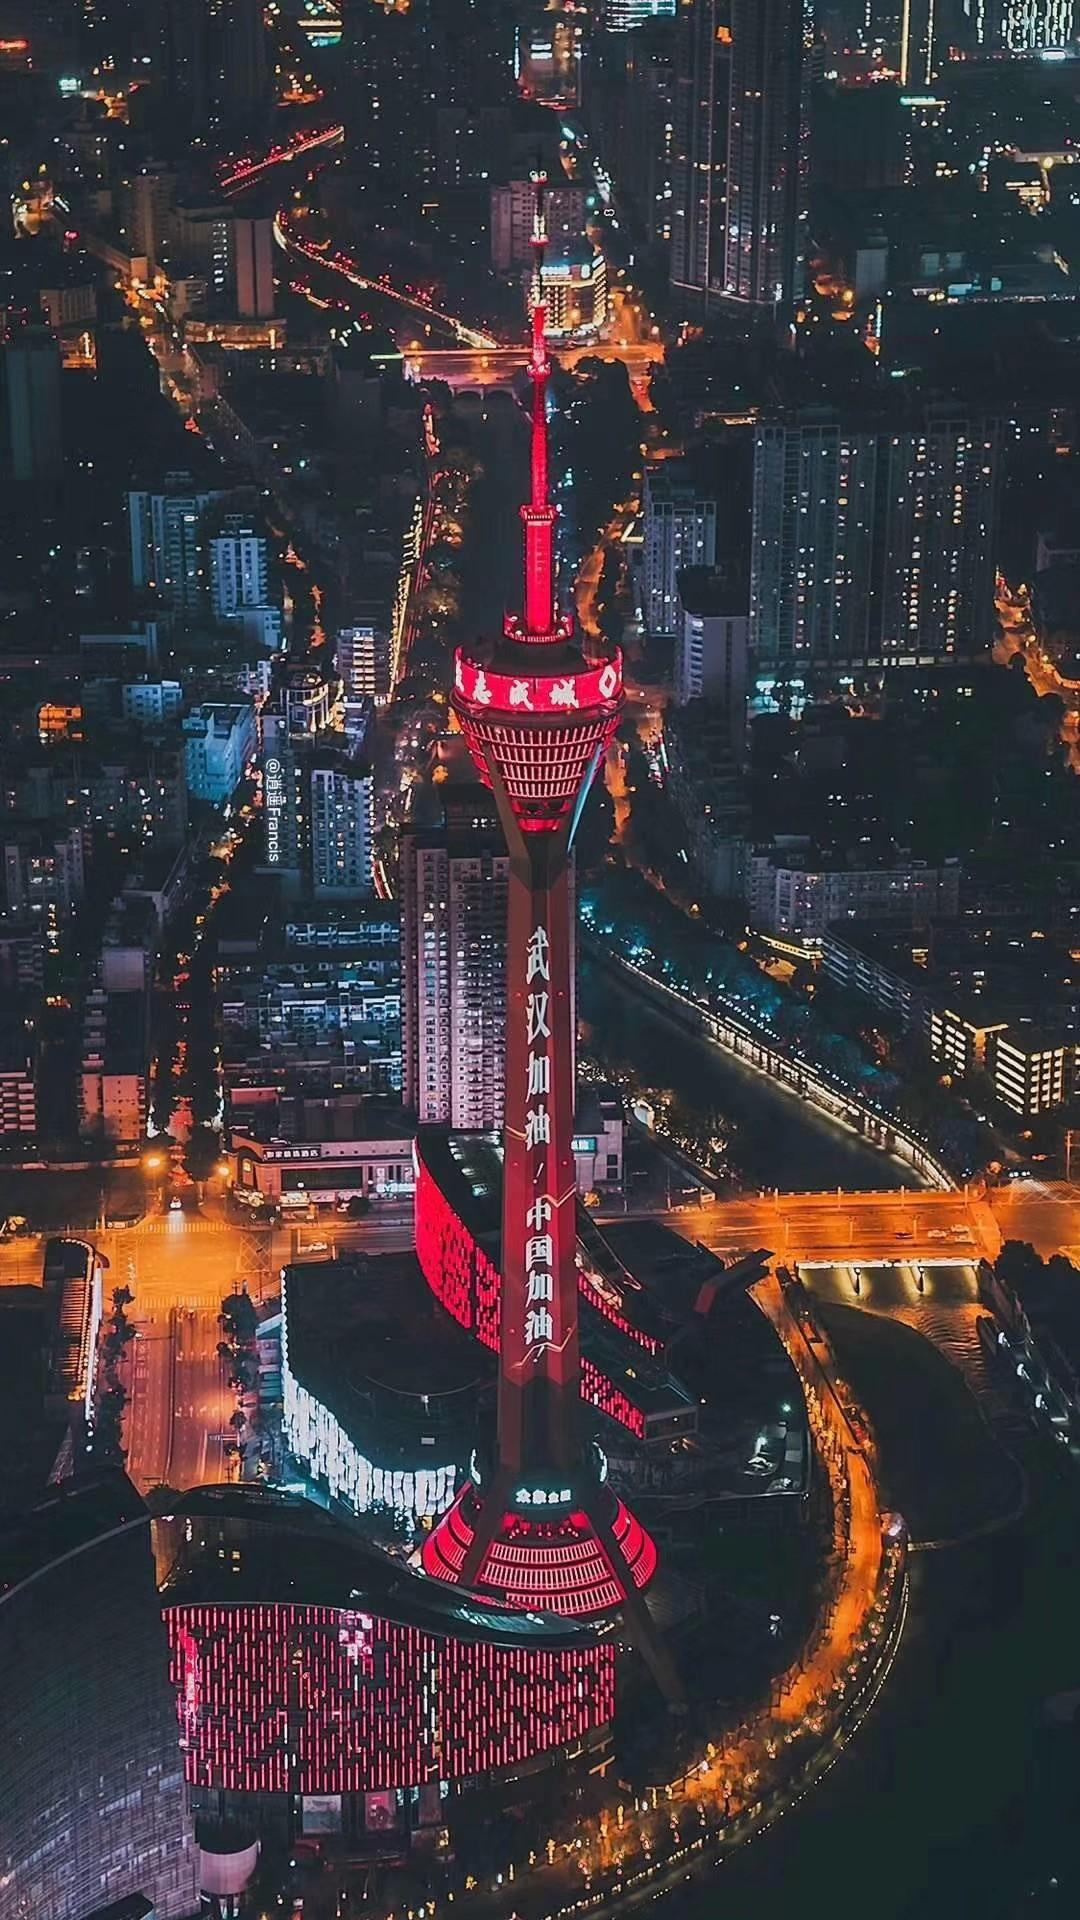 """夜经济复苏 回顾NEC点亮城市夜游的""""高光""""时刻-视听圈"""